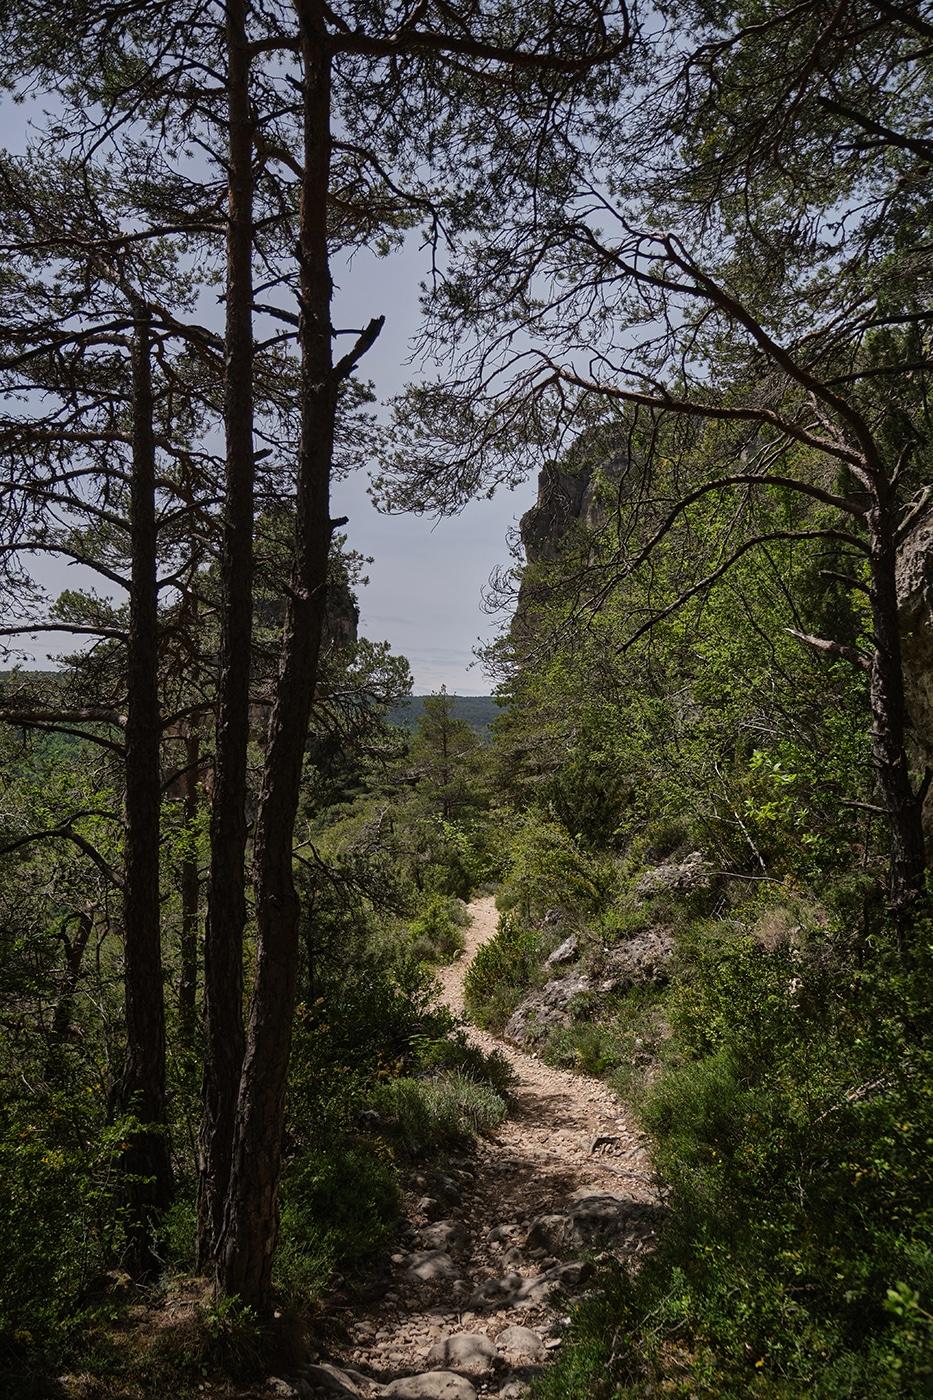 Sentier des corniches dans les Gorges de la Jonte